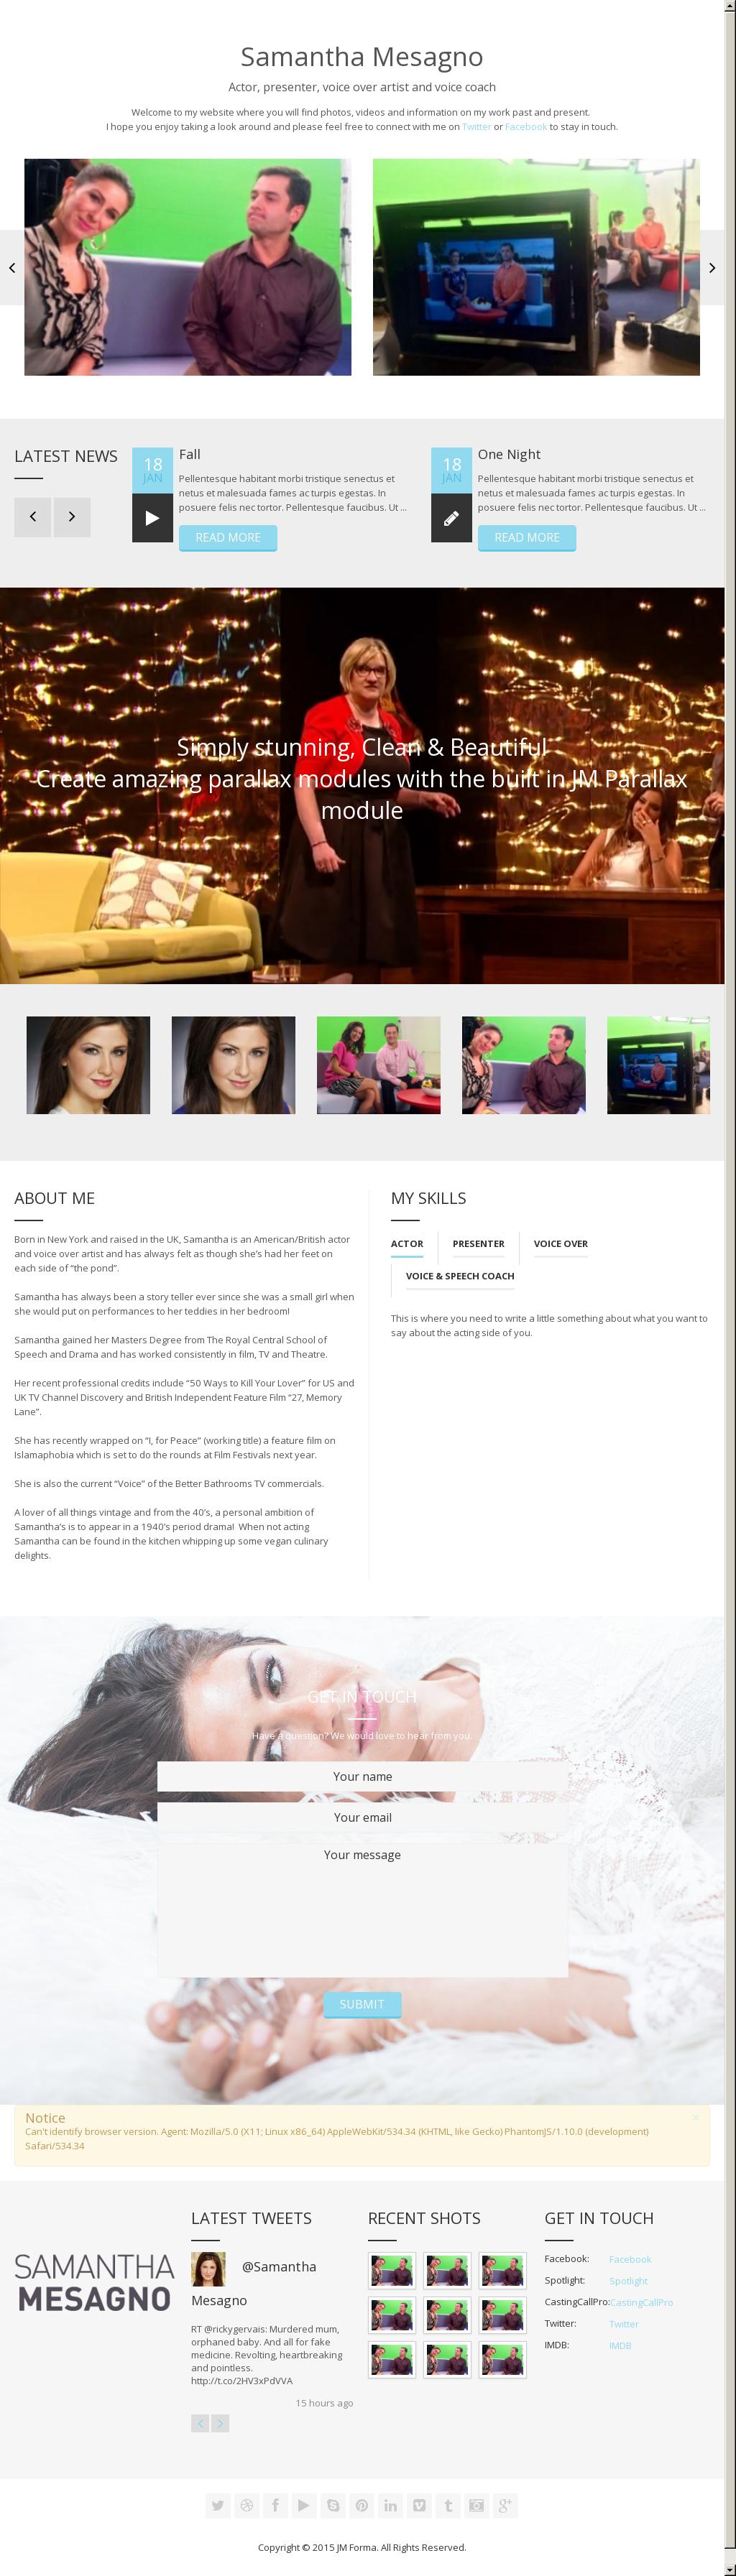 Samantha Mesagno - Actor / Presenter / Voice Over